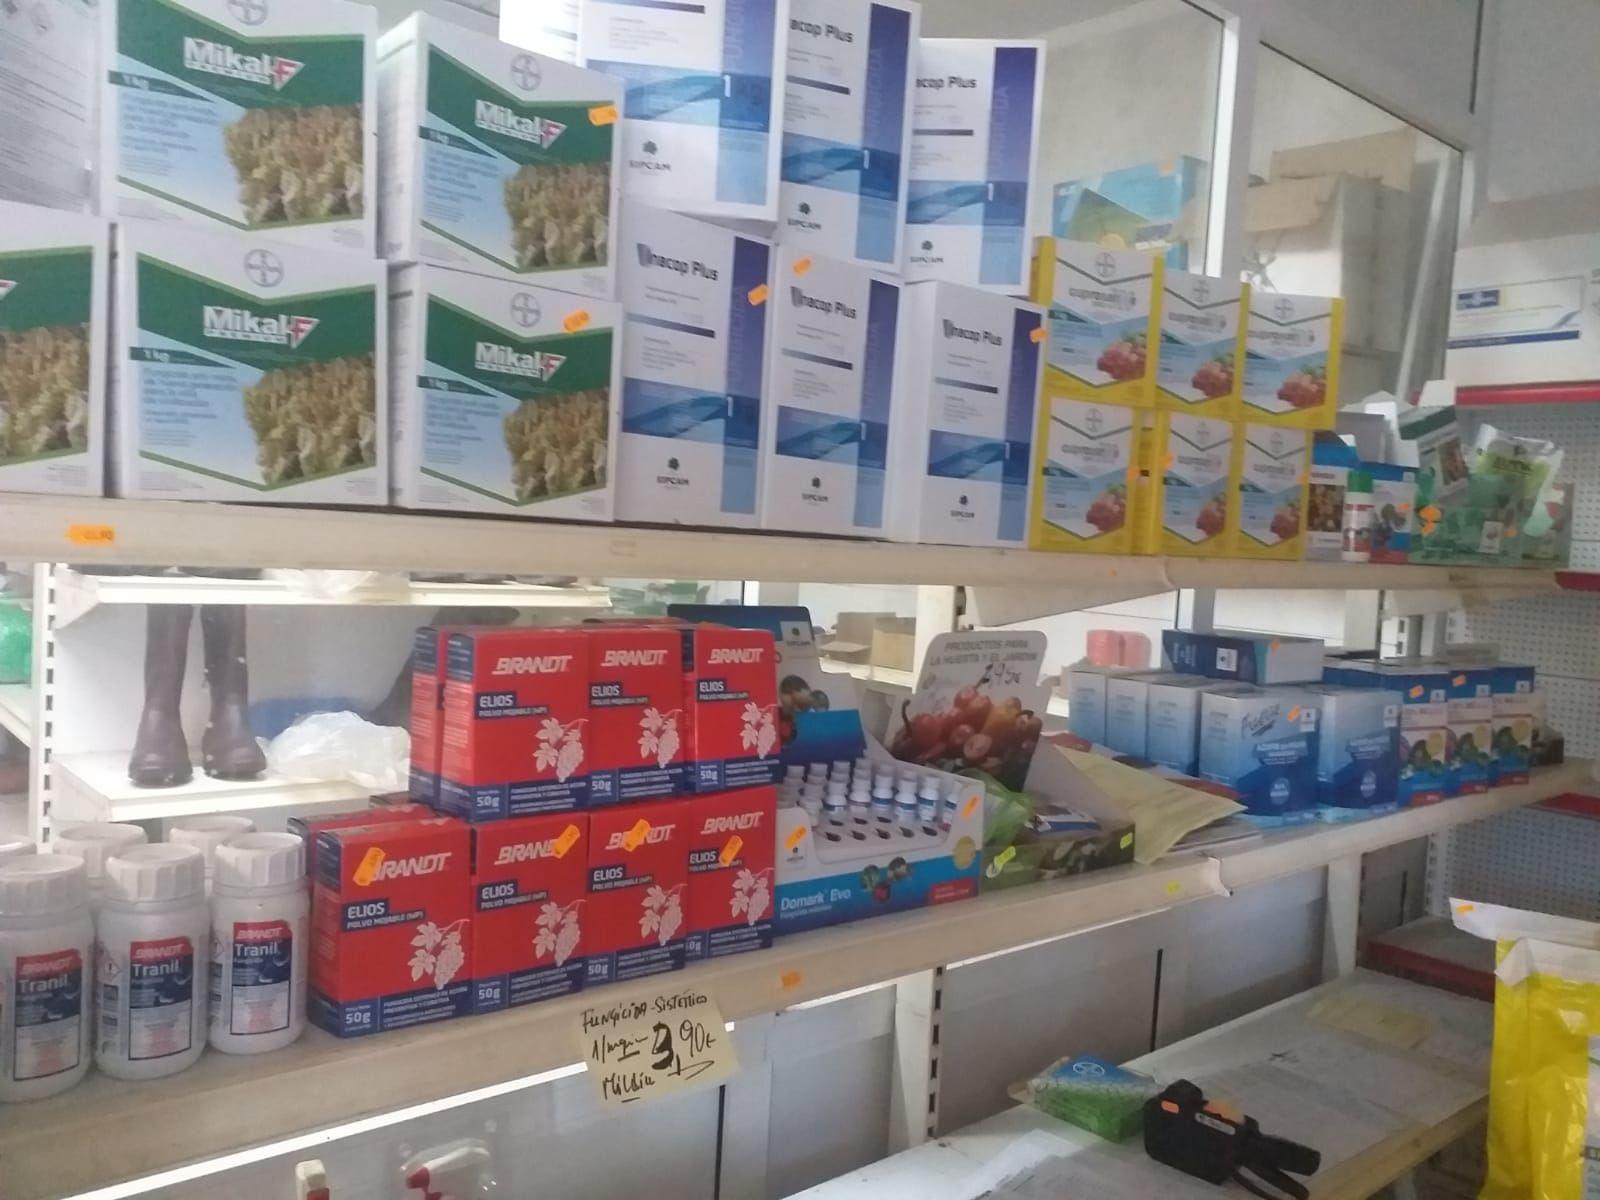 Venta de productos agrícolas en Coles